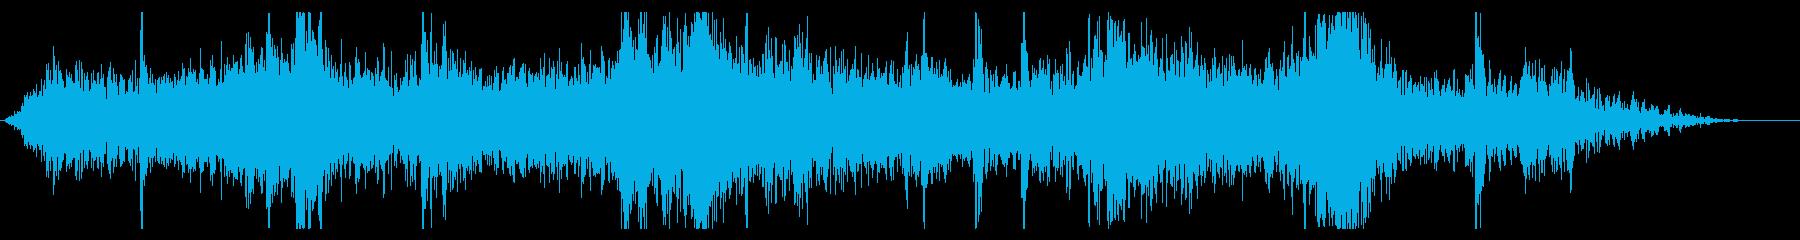 流星群:バーストとヒットの再生済みの波形